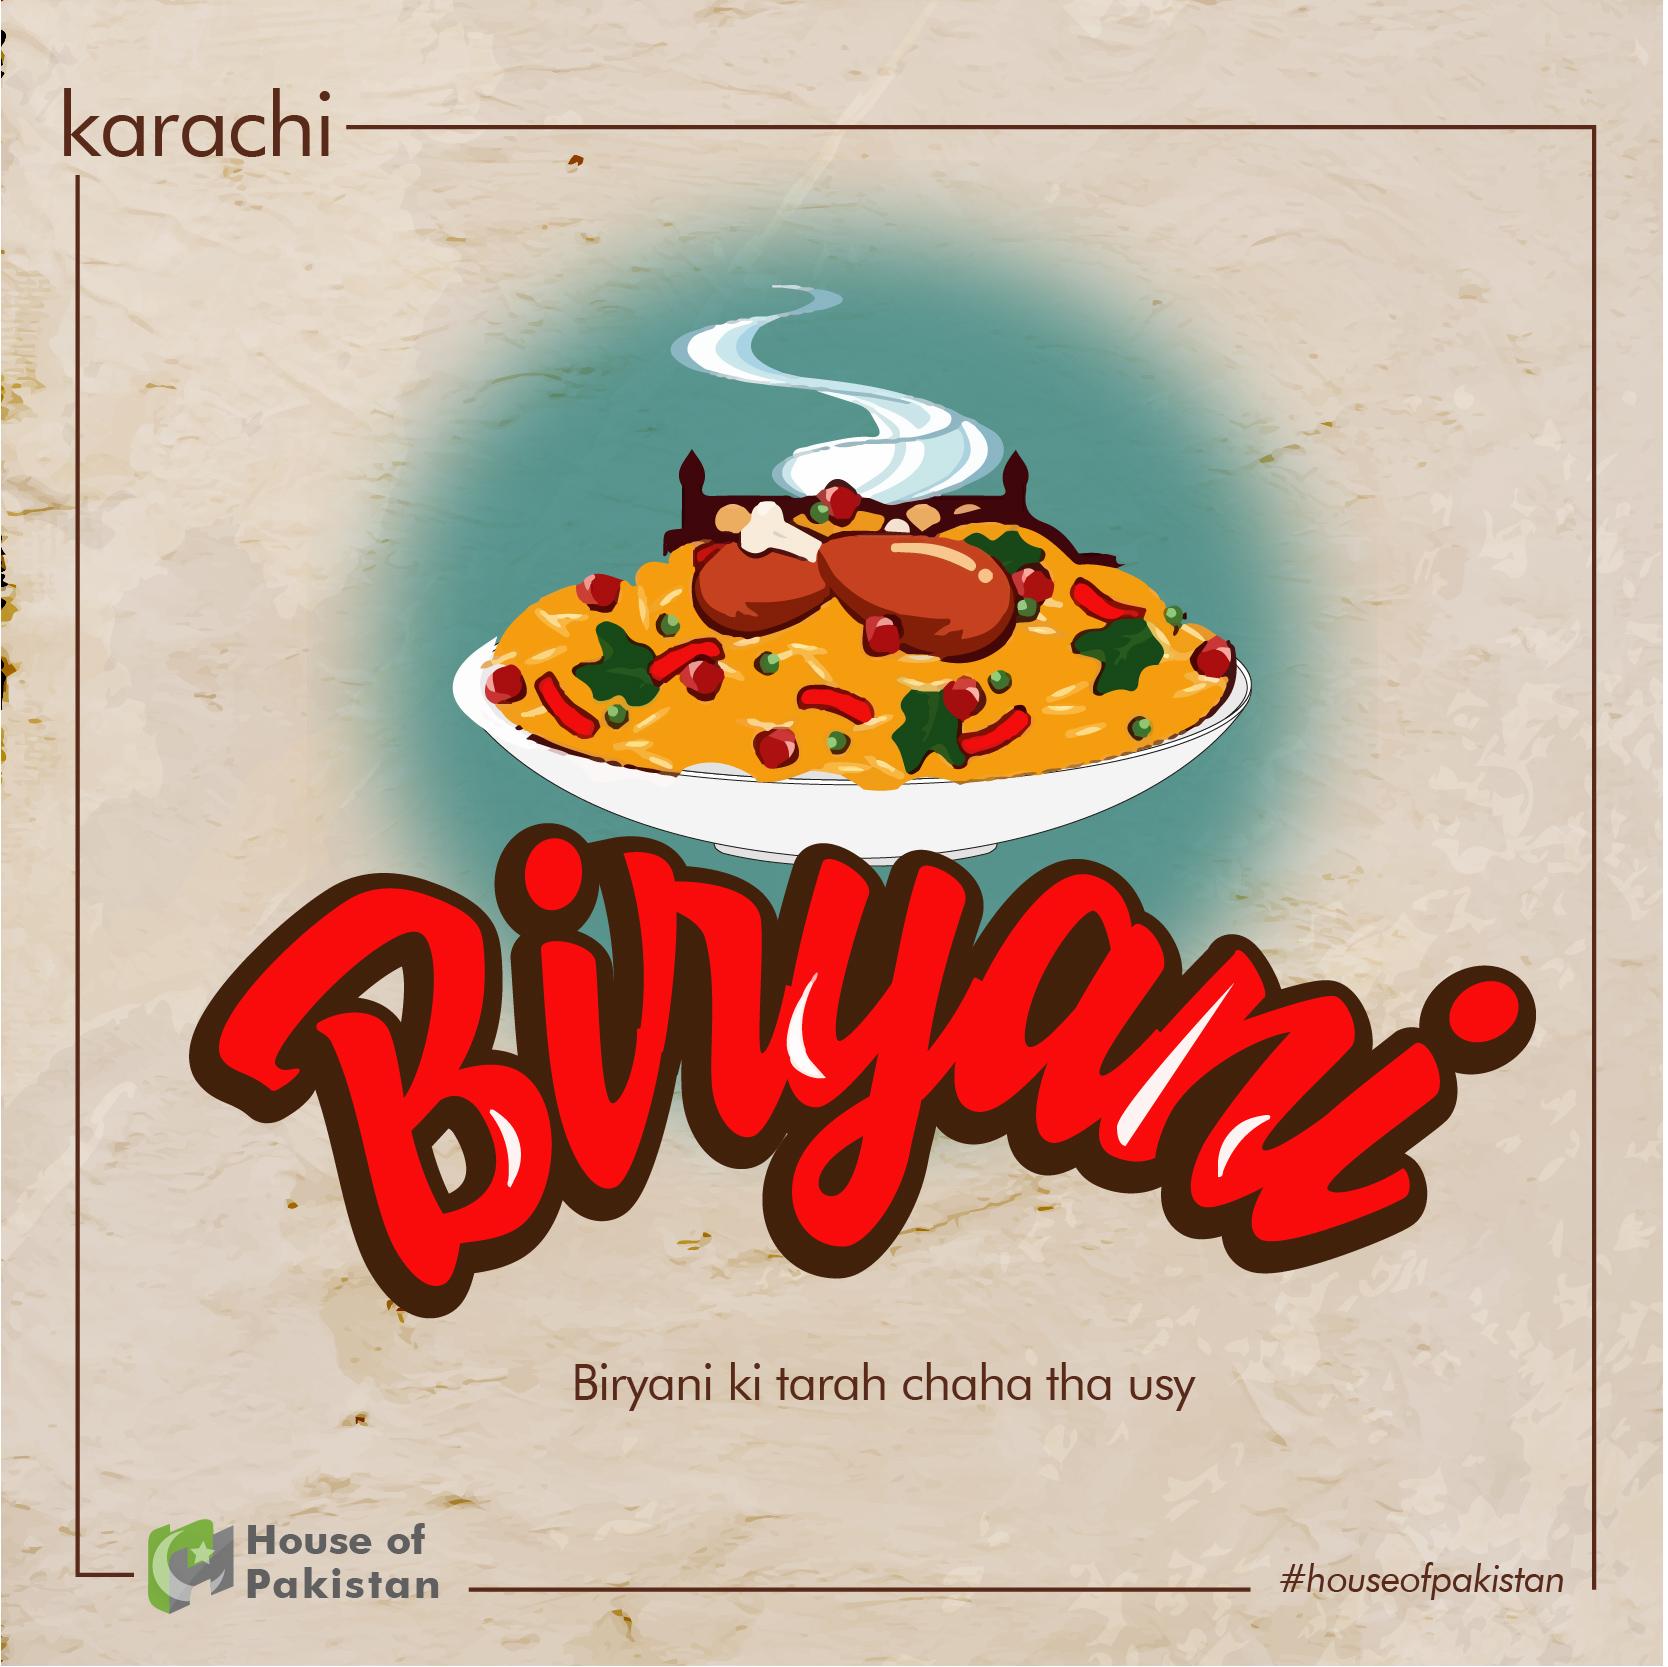 food, Biryani, Lahore Cuisine, Spicy, food culture in Pakistan, Pakistani cuisine